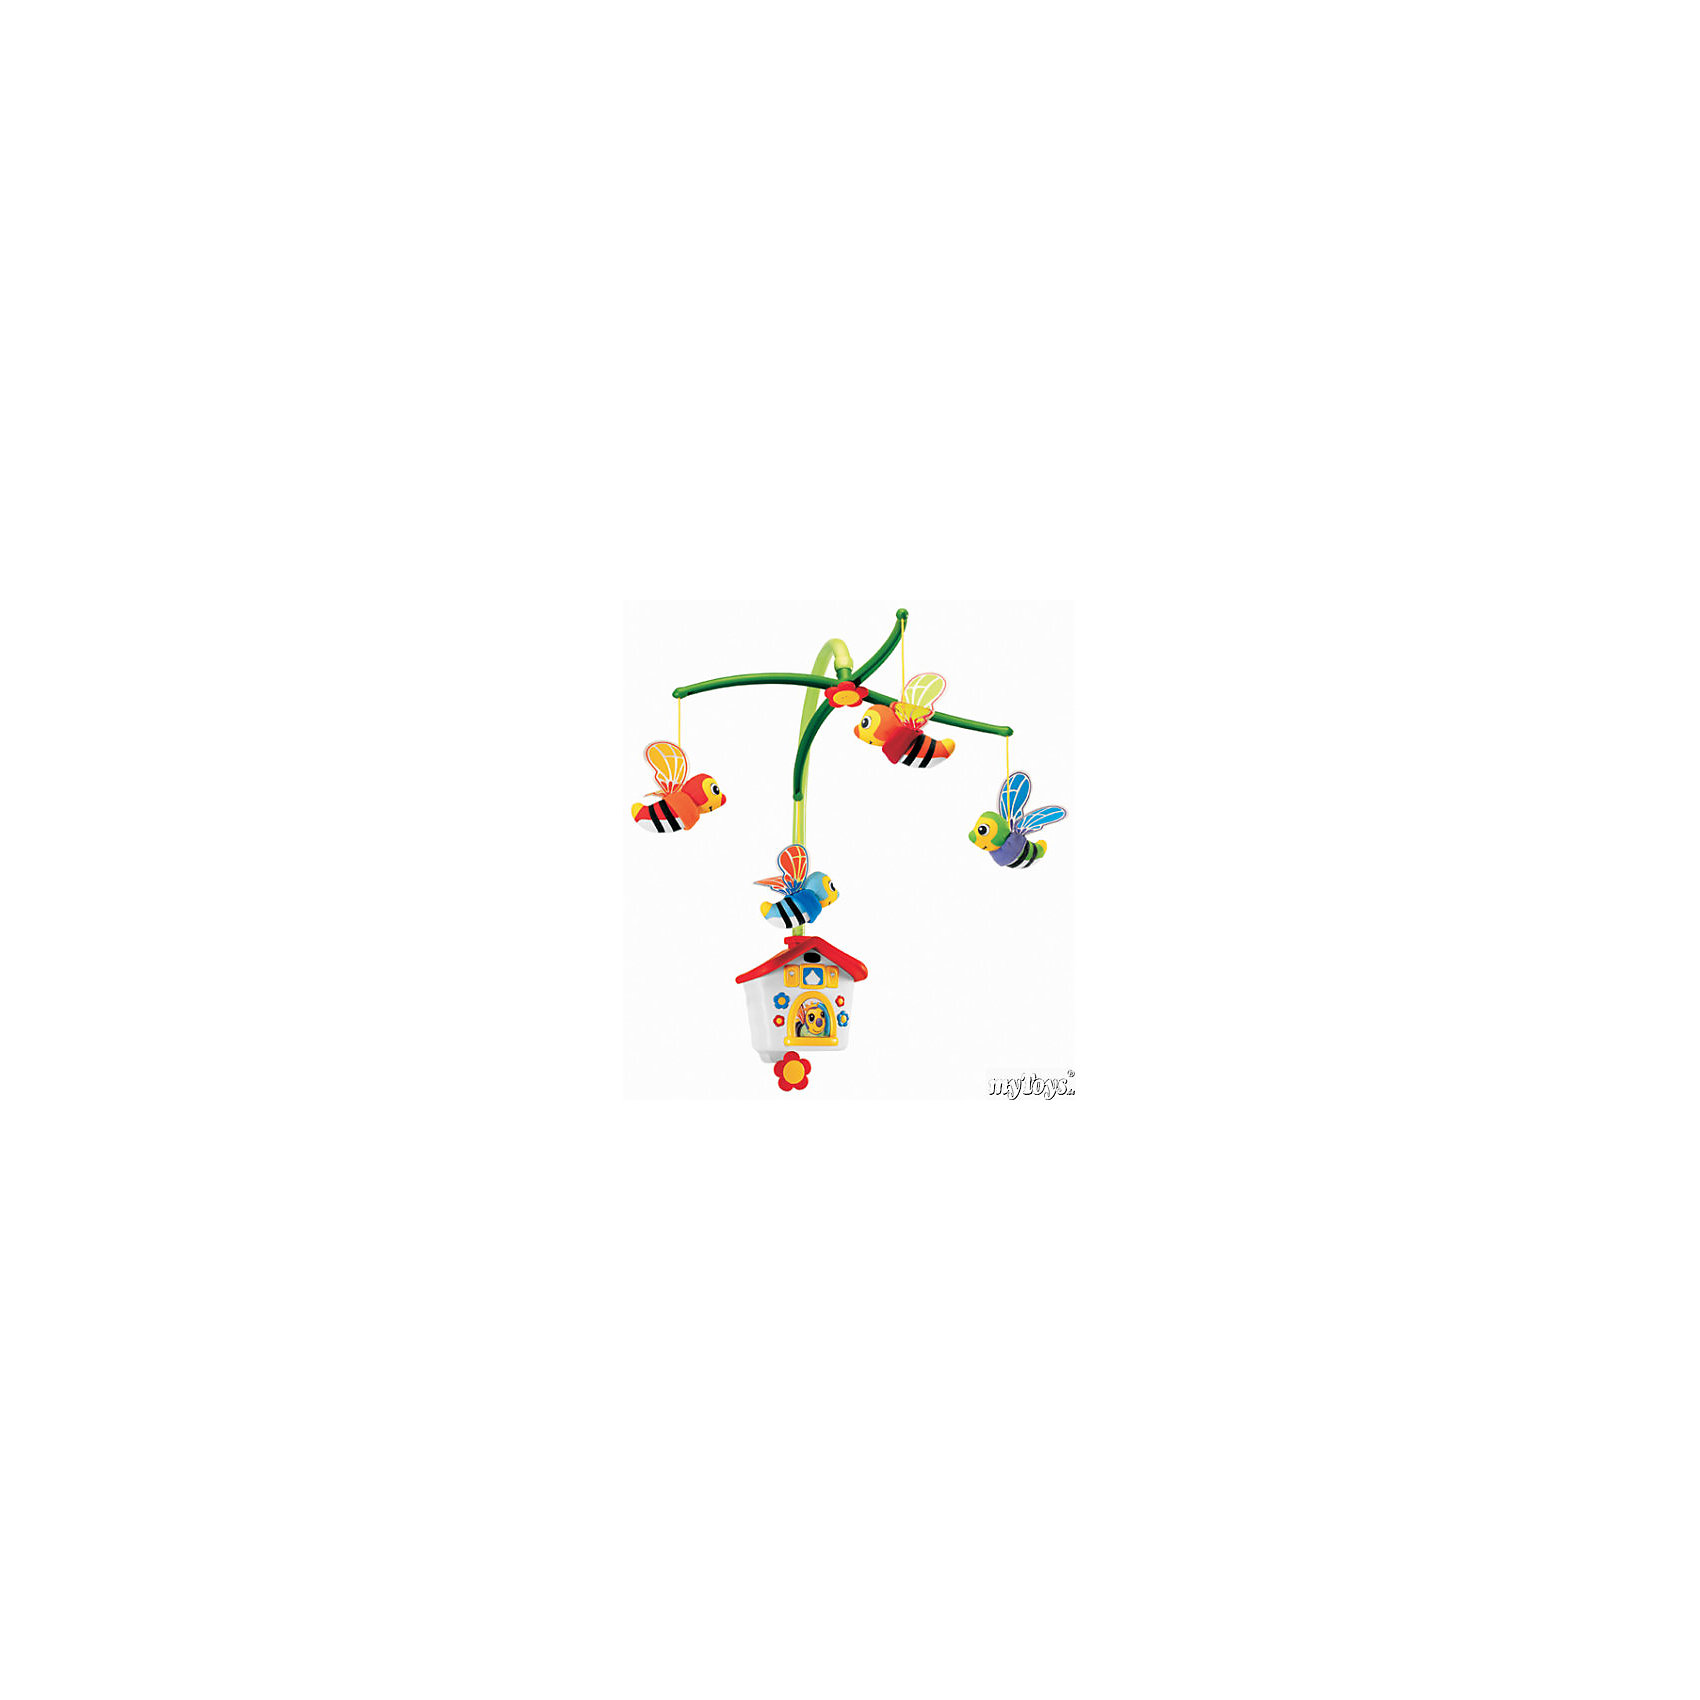 Мобиль Пчелки, ChiccoМузыкальные игрушки-подвески<br>Мобиль Пчелки Chicco (Чико) успокоит и развлечет Вашего ребенка!<br><br>Мобиль Пчёлки предназначена для развития детей от рождения. Хоровод ярких пчелок из текстиля летает под звуки нежной музыки. Приятная мелодия поможет успокоить Вашего ребенка перед сном.<br><br>Карусель крепится к неподвижной стенке детской кроватки и заводится поворотом ключа музыкального ящика на карусели. Ее можно использовать как музыкальную шкатулку.<br><br>Мобиль Пчелки Chicco можно купить в нашем интернет-магазине.<br><br>Ширина мм: 453<br>Глубина мм: 149<br>Высота мм: 369<br>Вес г: 1473<br>Возраст от месяцев: 0<br>Возраст до месяцев: 48<br>Пол: Унисекс<br>Возраст: Детский<br>SKU: 1505833